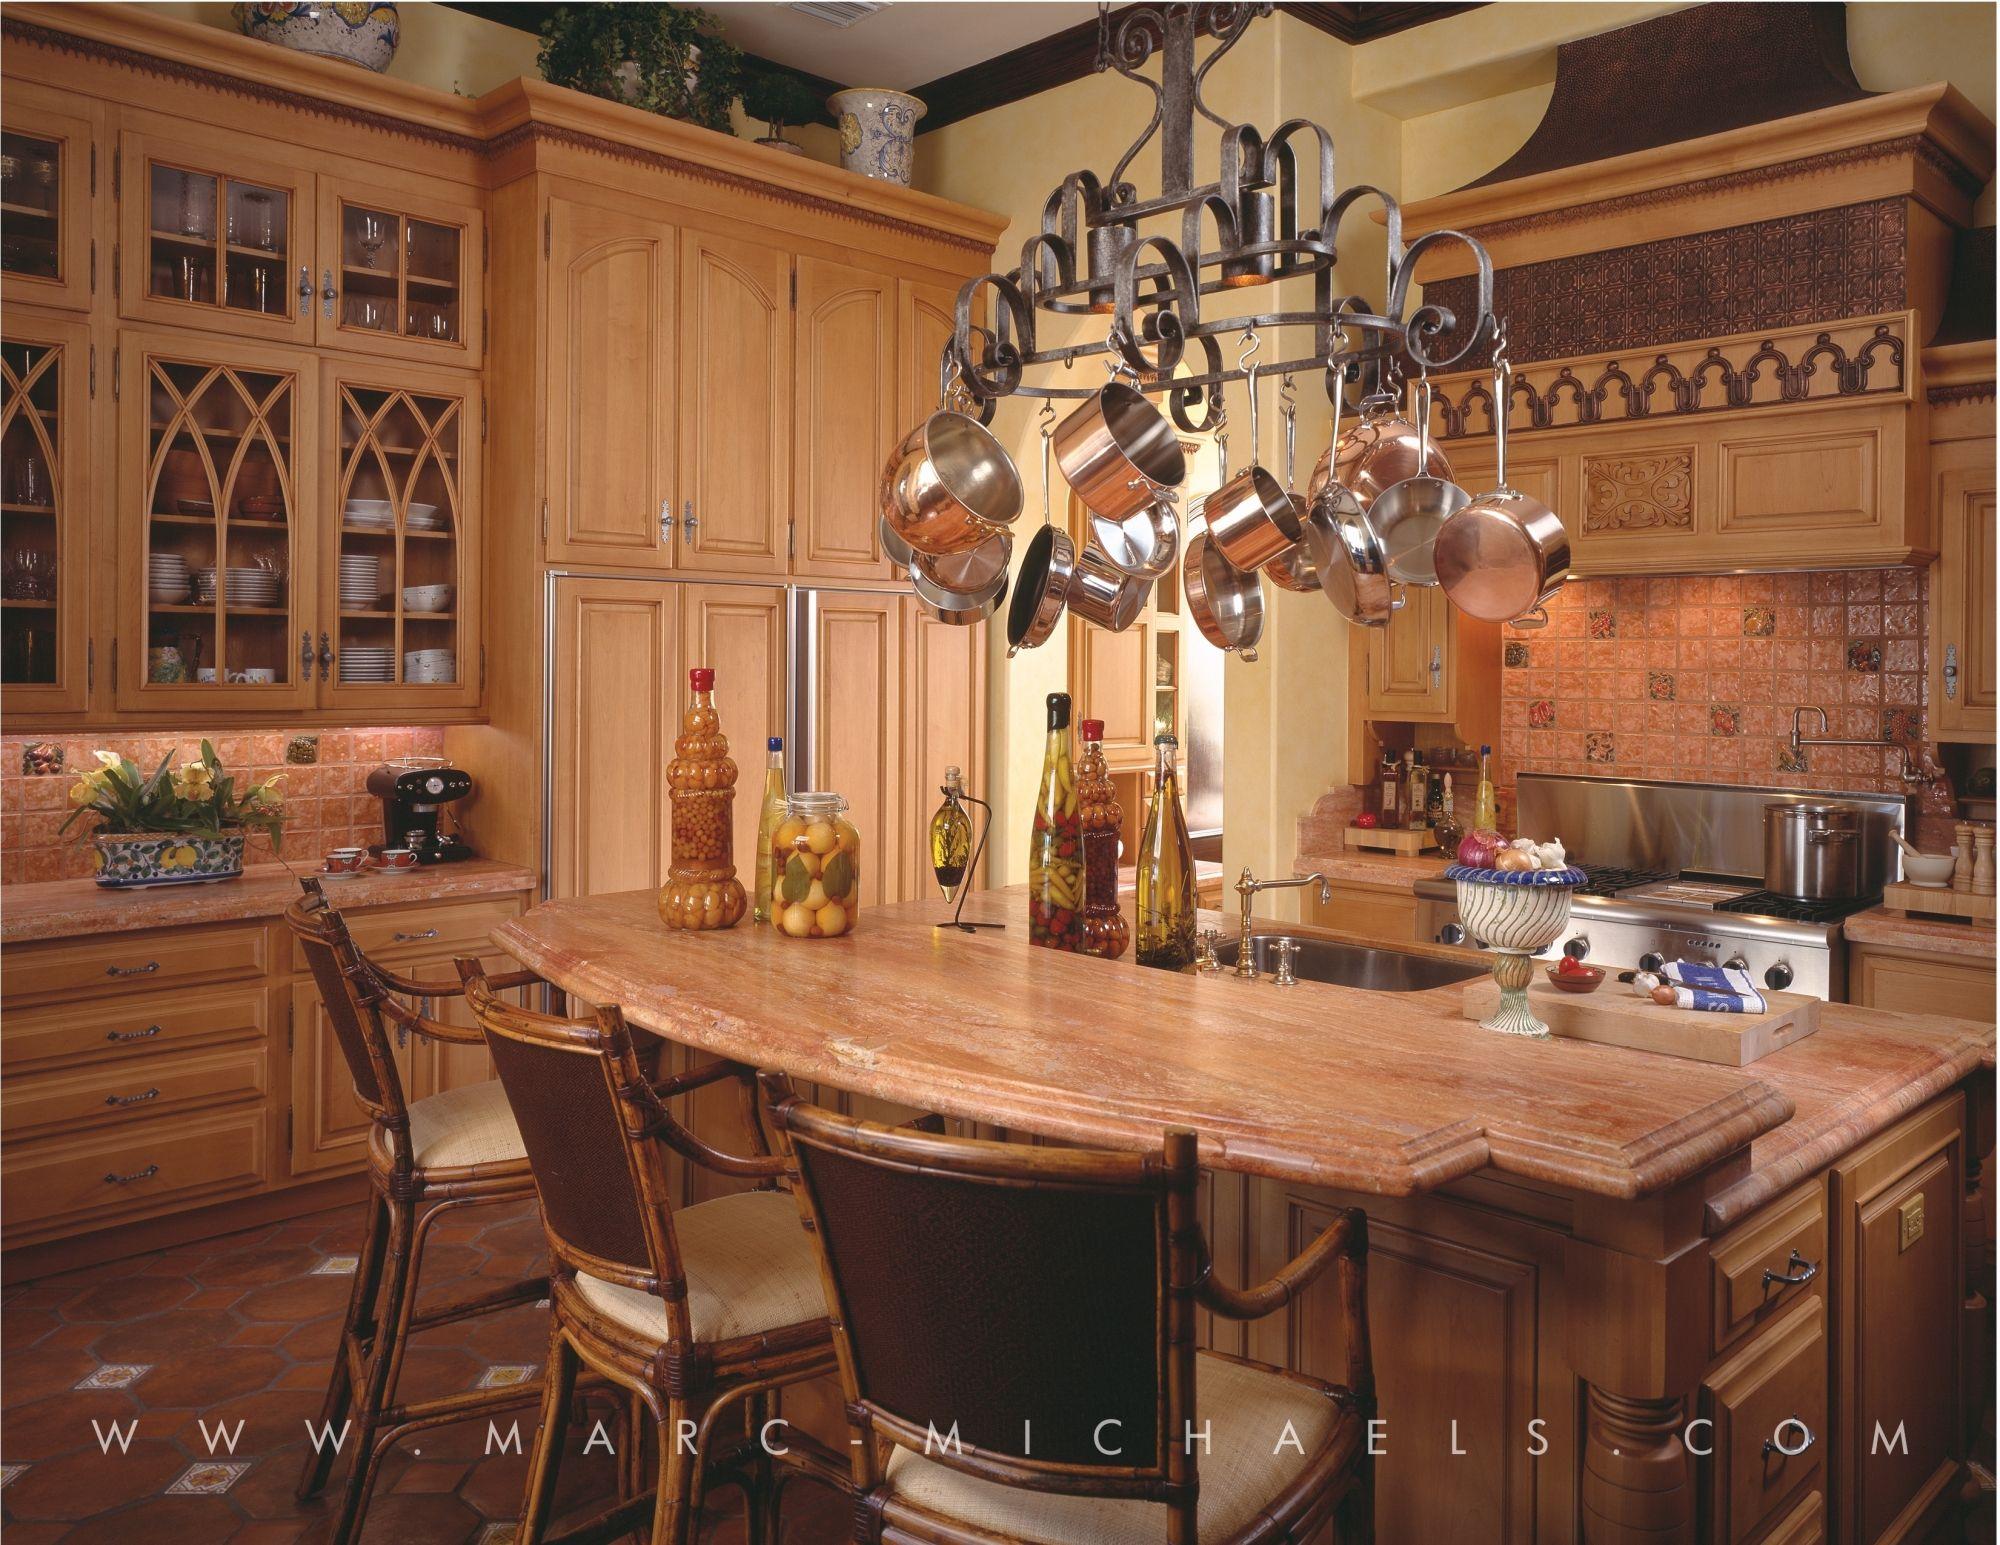 Best Images About Tuscan On Pinterest - Mediterranean kitchen design